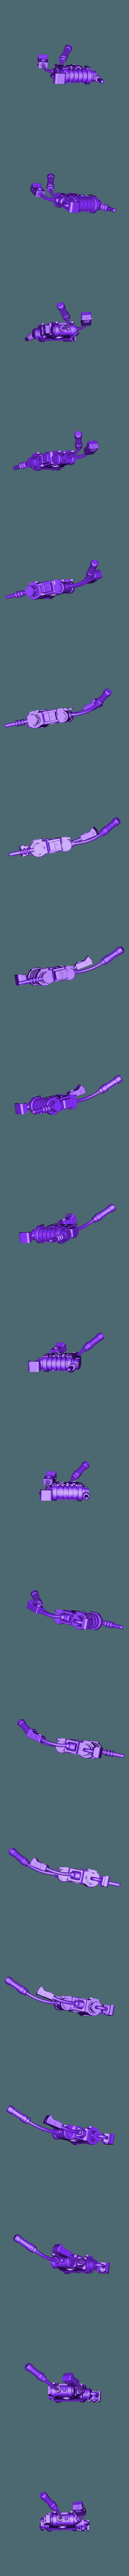 Reposed_Ranger_2.1_-_Backpack_scaled.stl Télécharger fichier STL gratuit Rangers mécanisés martiens • Plan à imprimer en 3D, ErikTheHeretek